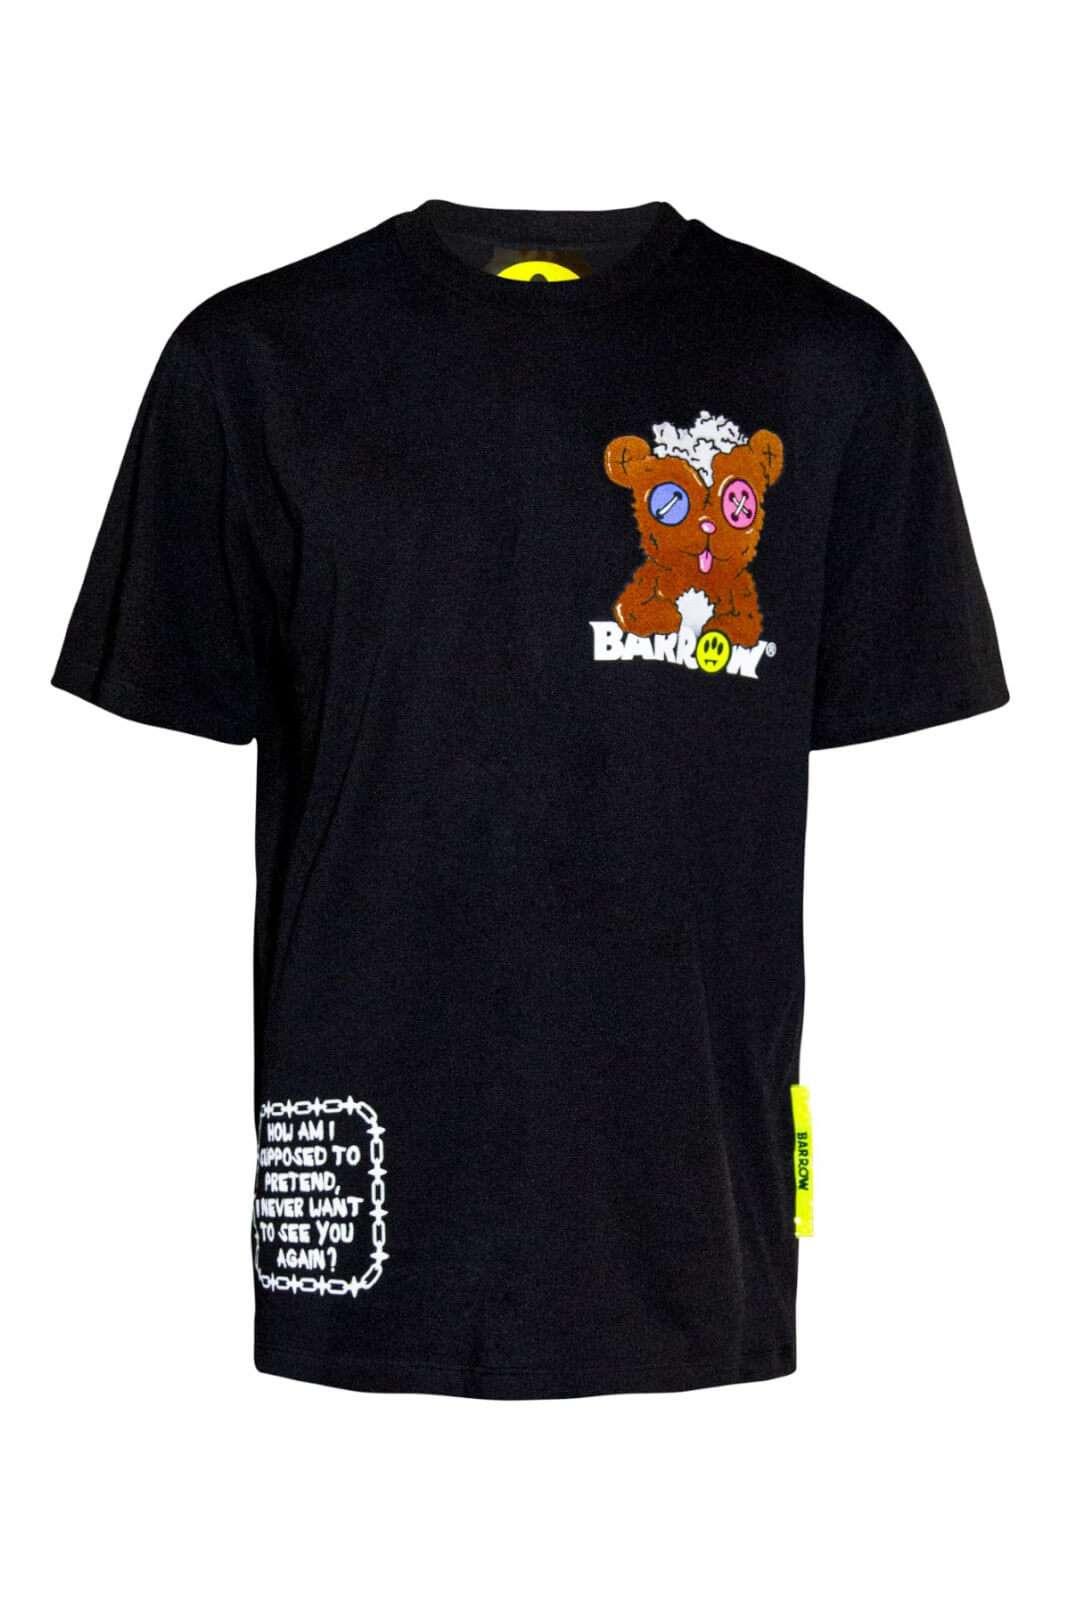 Una T shirt dallo stile glamour e contemporaneo per la T shirt firmata dalla collection uomo di Barrow. Il tessuto in cotone è arricchito da stampe serigrafriche per esaltare lo stile più quotidiano. Una new entri freestyle per il proprio outfit.